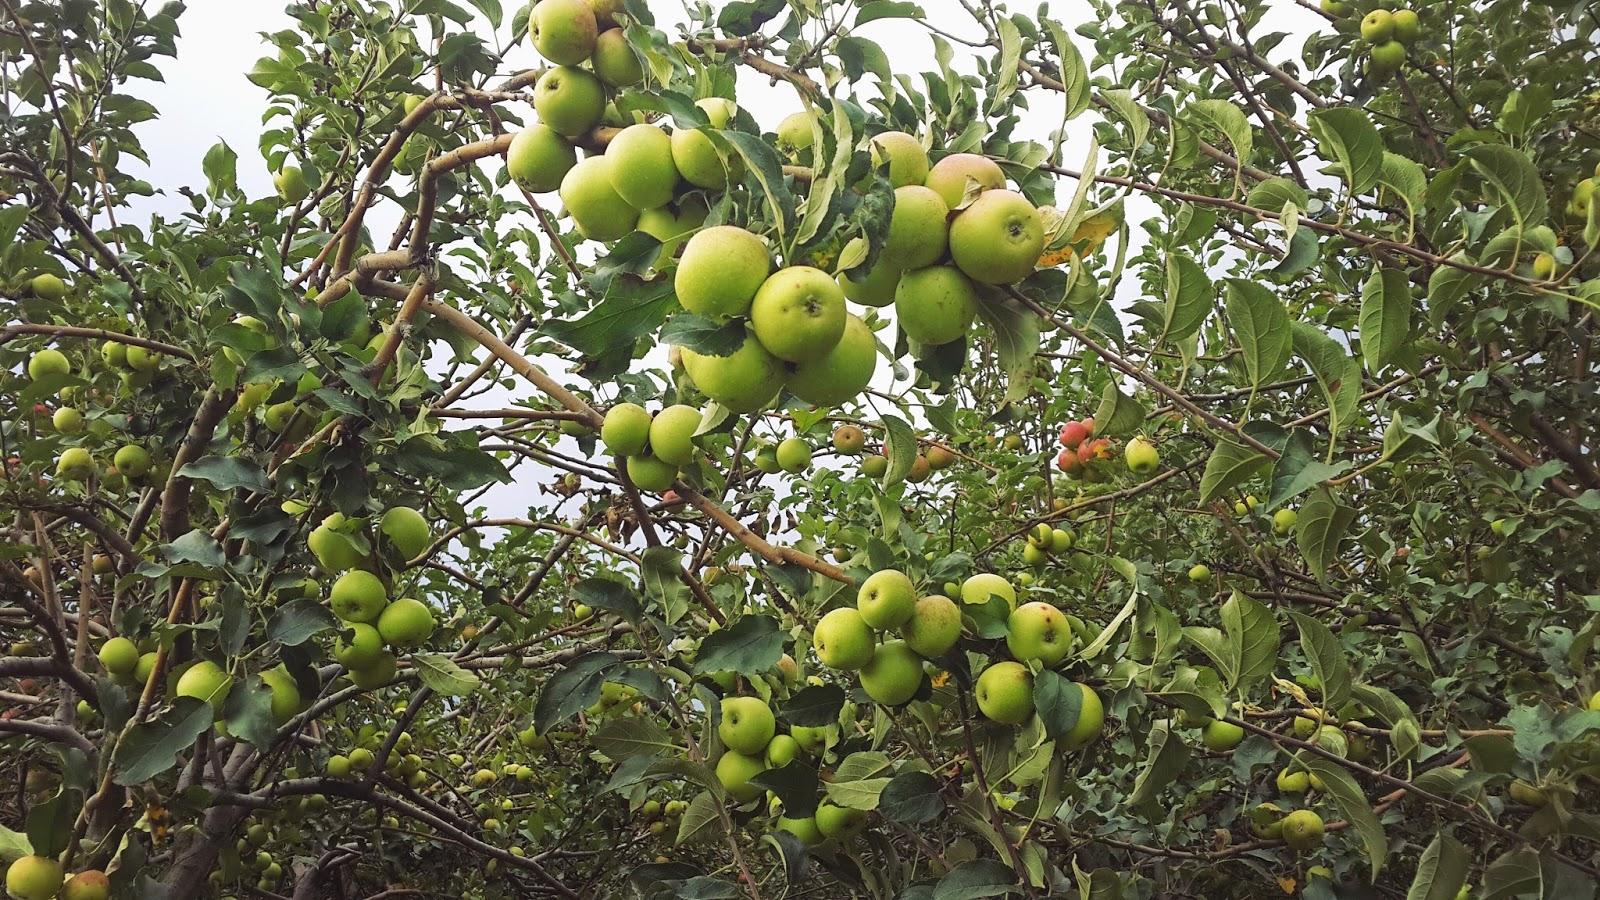 Kelebihan Wisata Petik Apel di Batu Malang